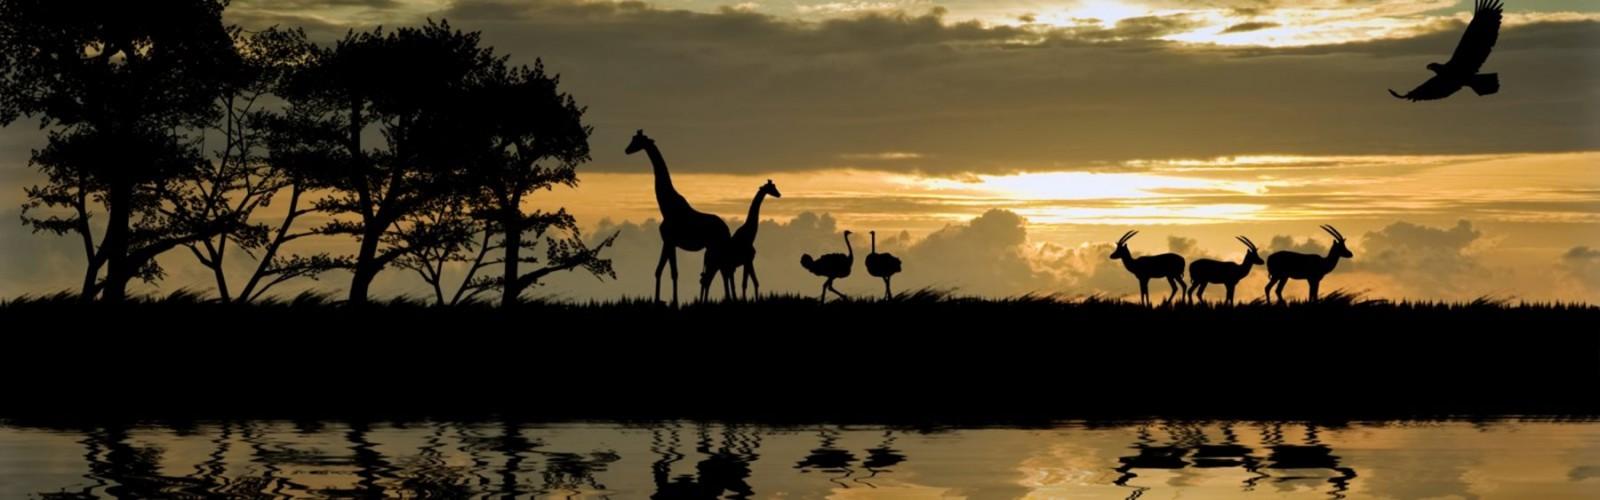 Safaris en Tanzania de Ecoturismo